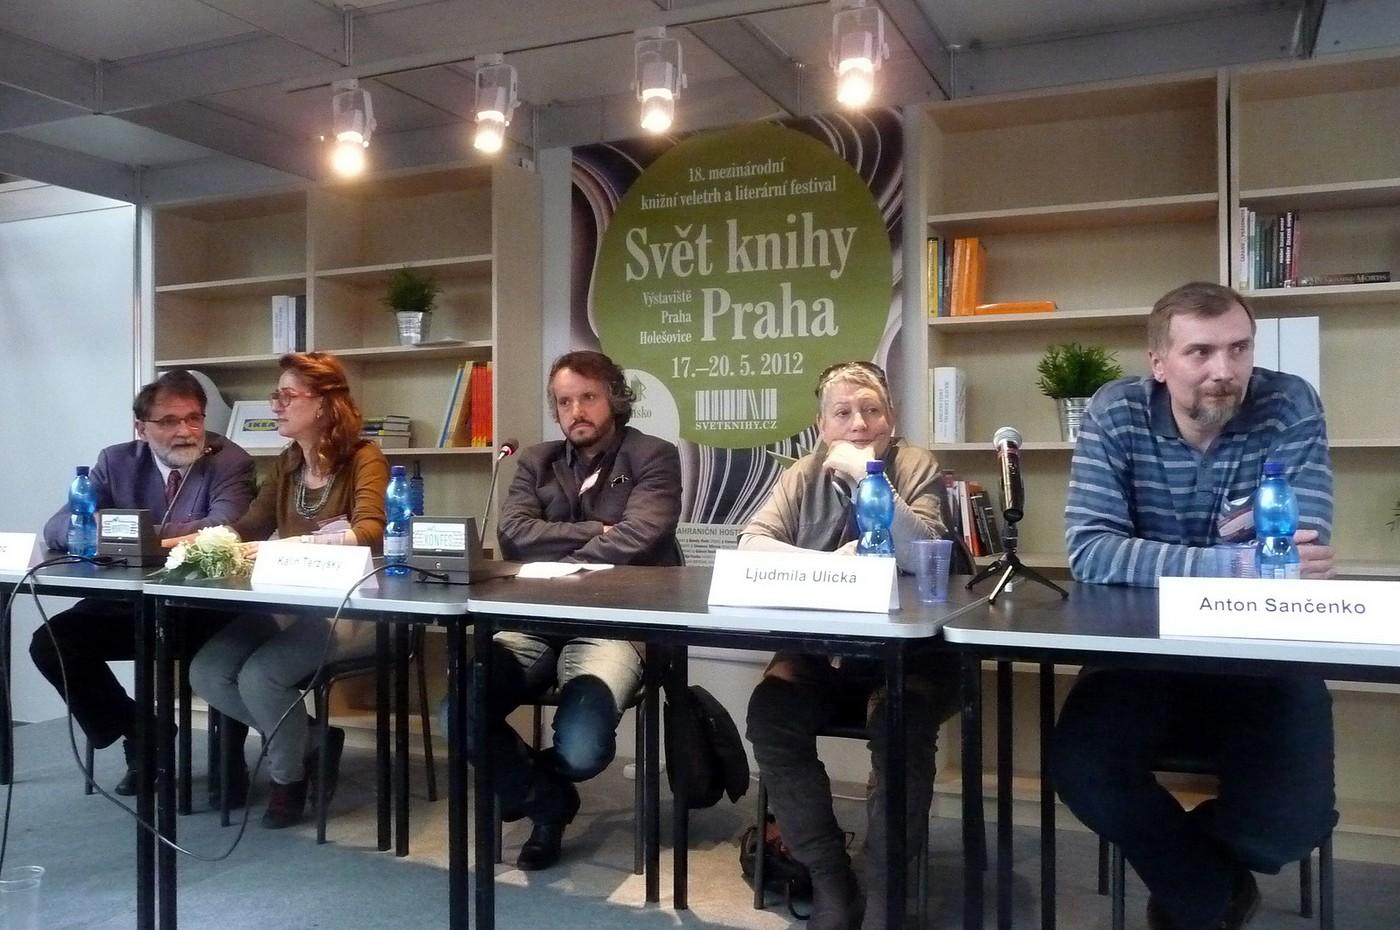 Debata sčernomořskými autory. Označení je poněkud zavádějící, protože jejich identita je mořem definována jen zřídka